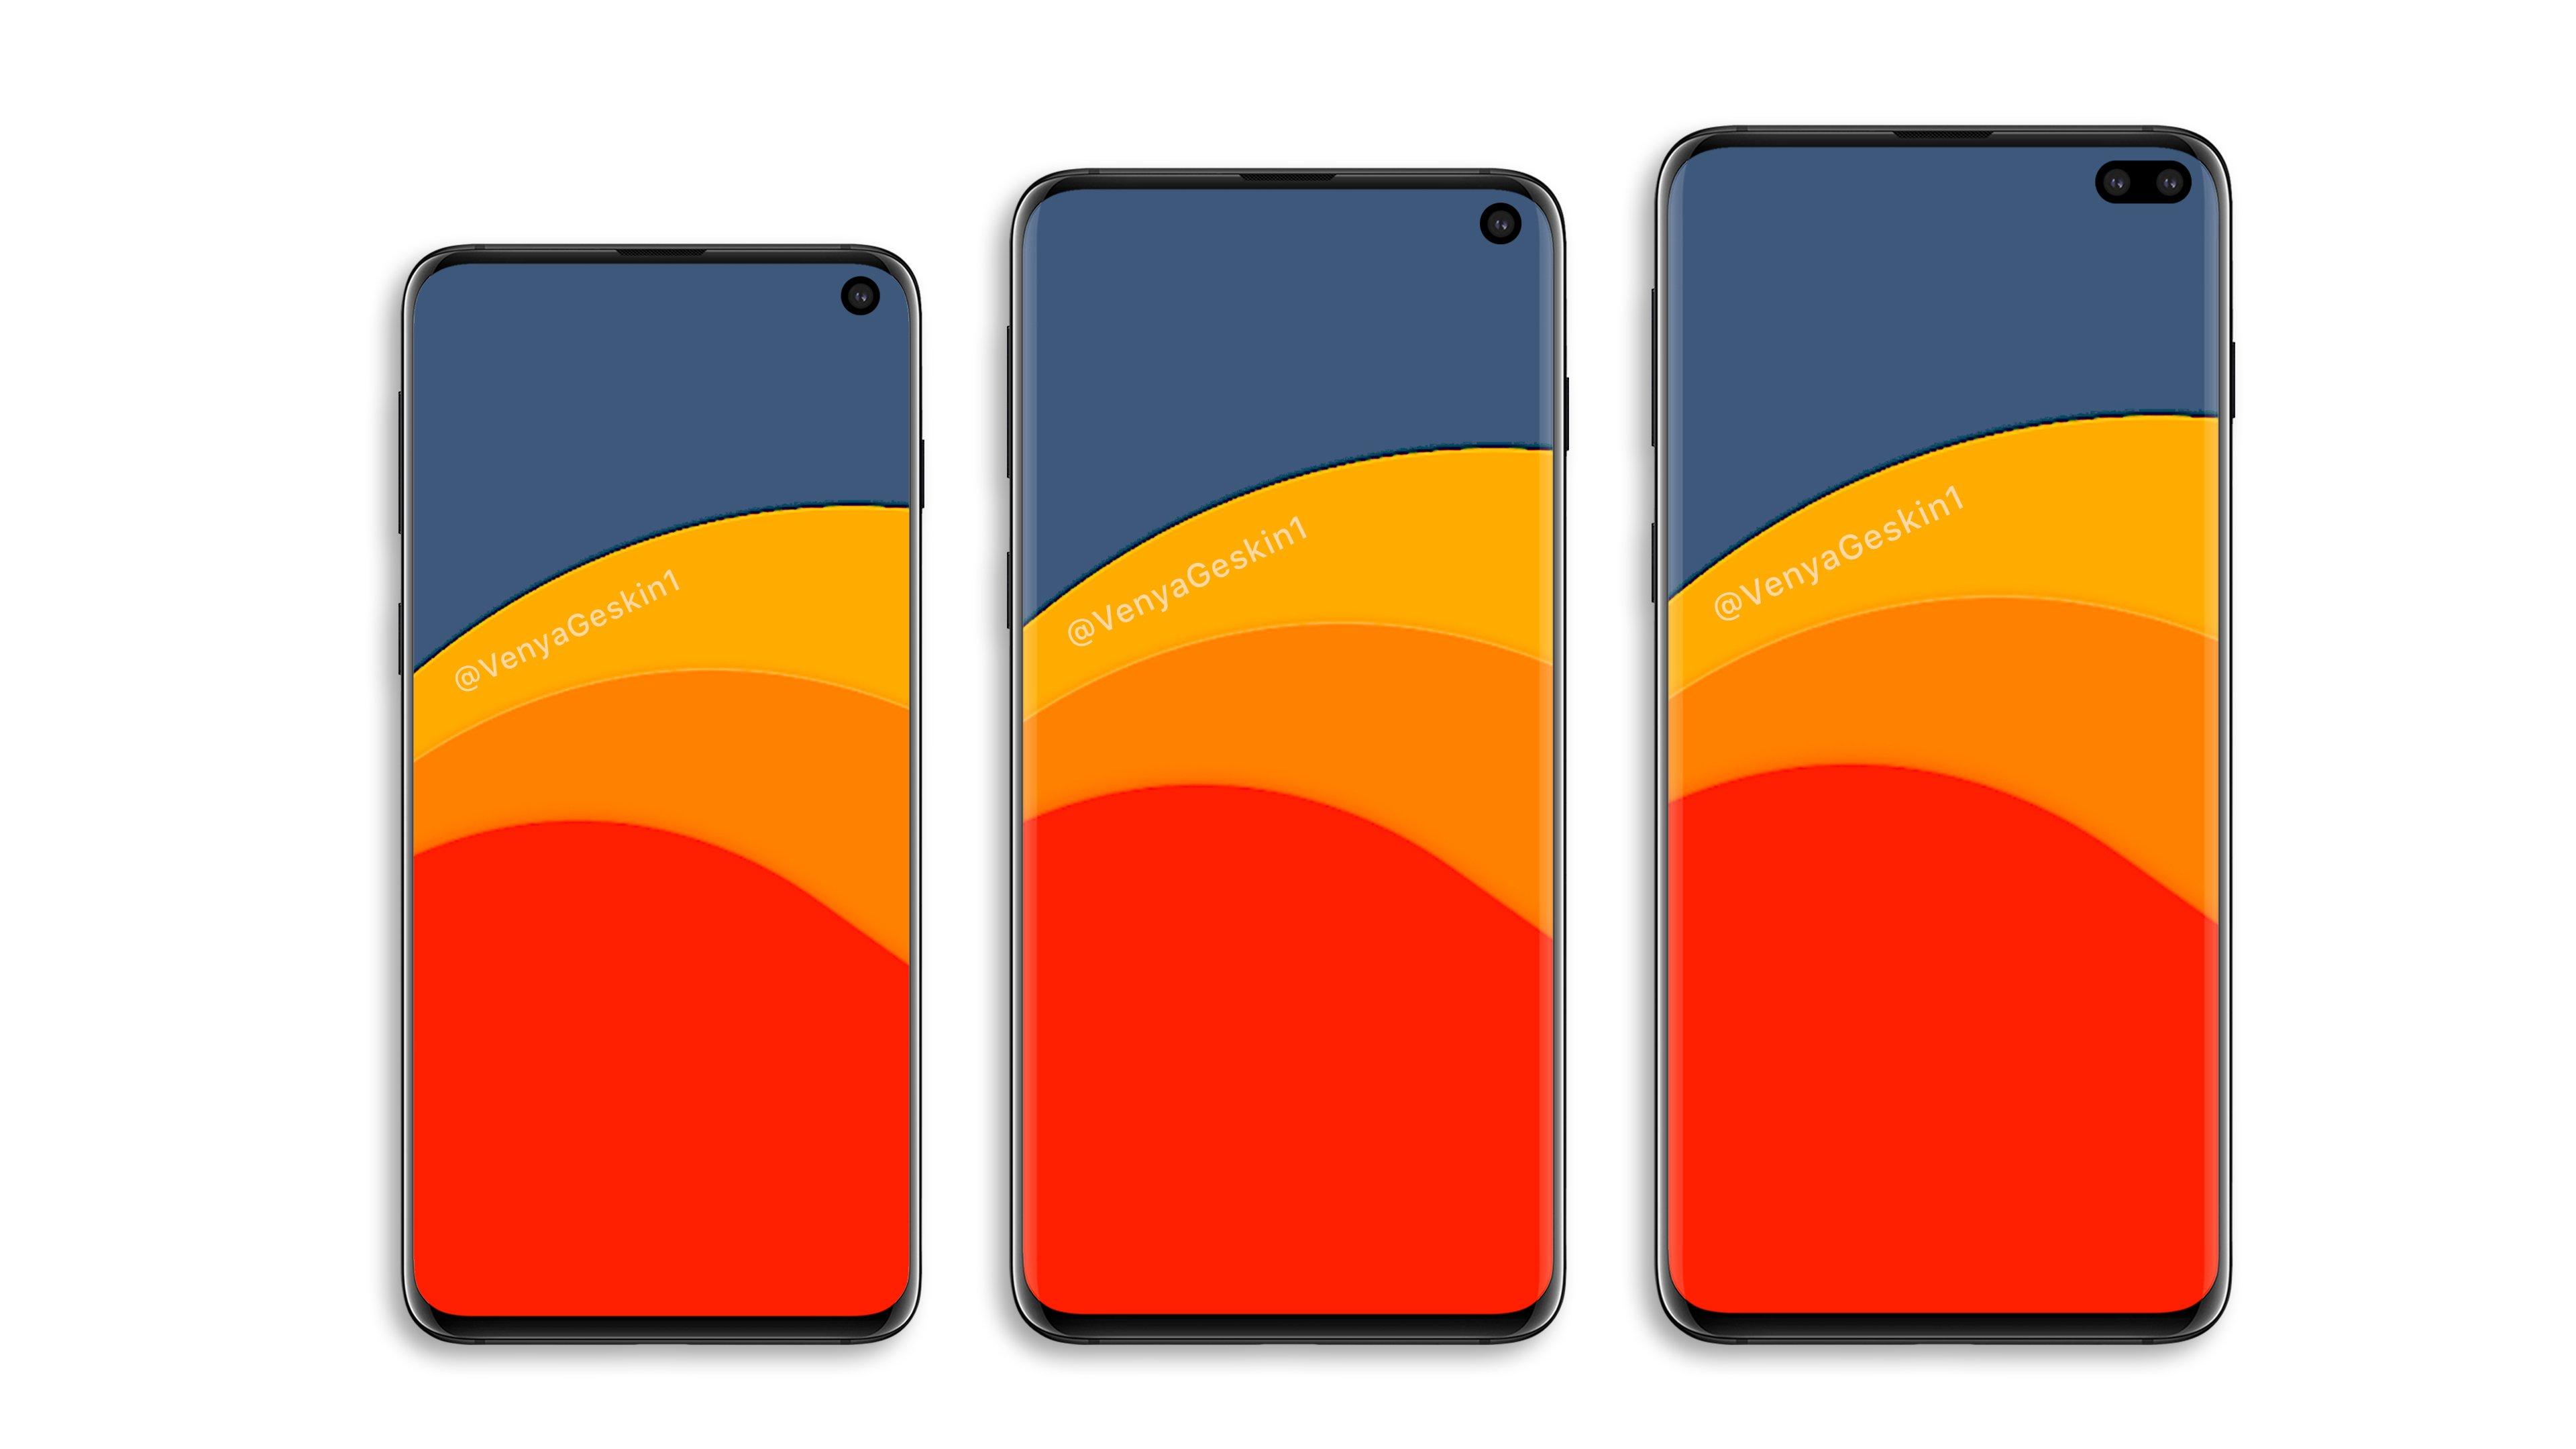 Samsung Galaxy S10, S10+, S10E : les prix en euro tendent à se confirmer après une nouvelle fuite